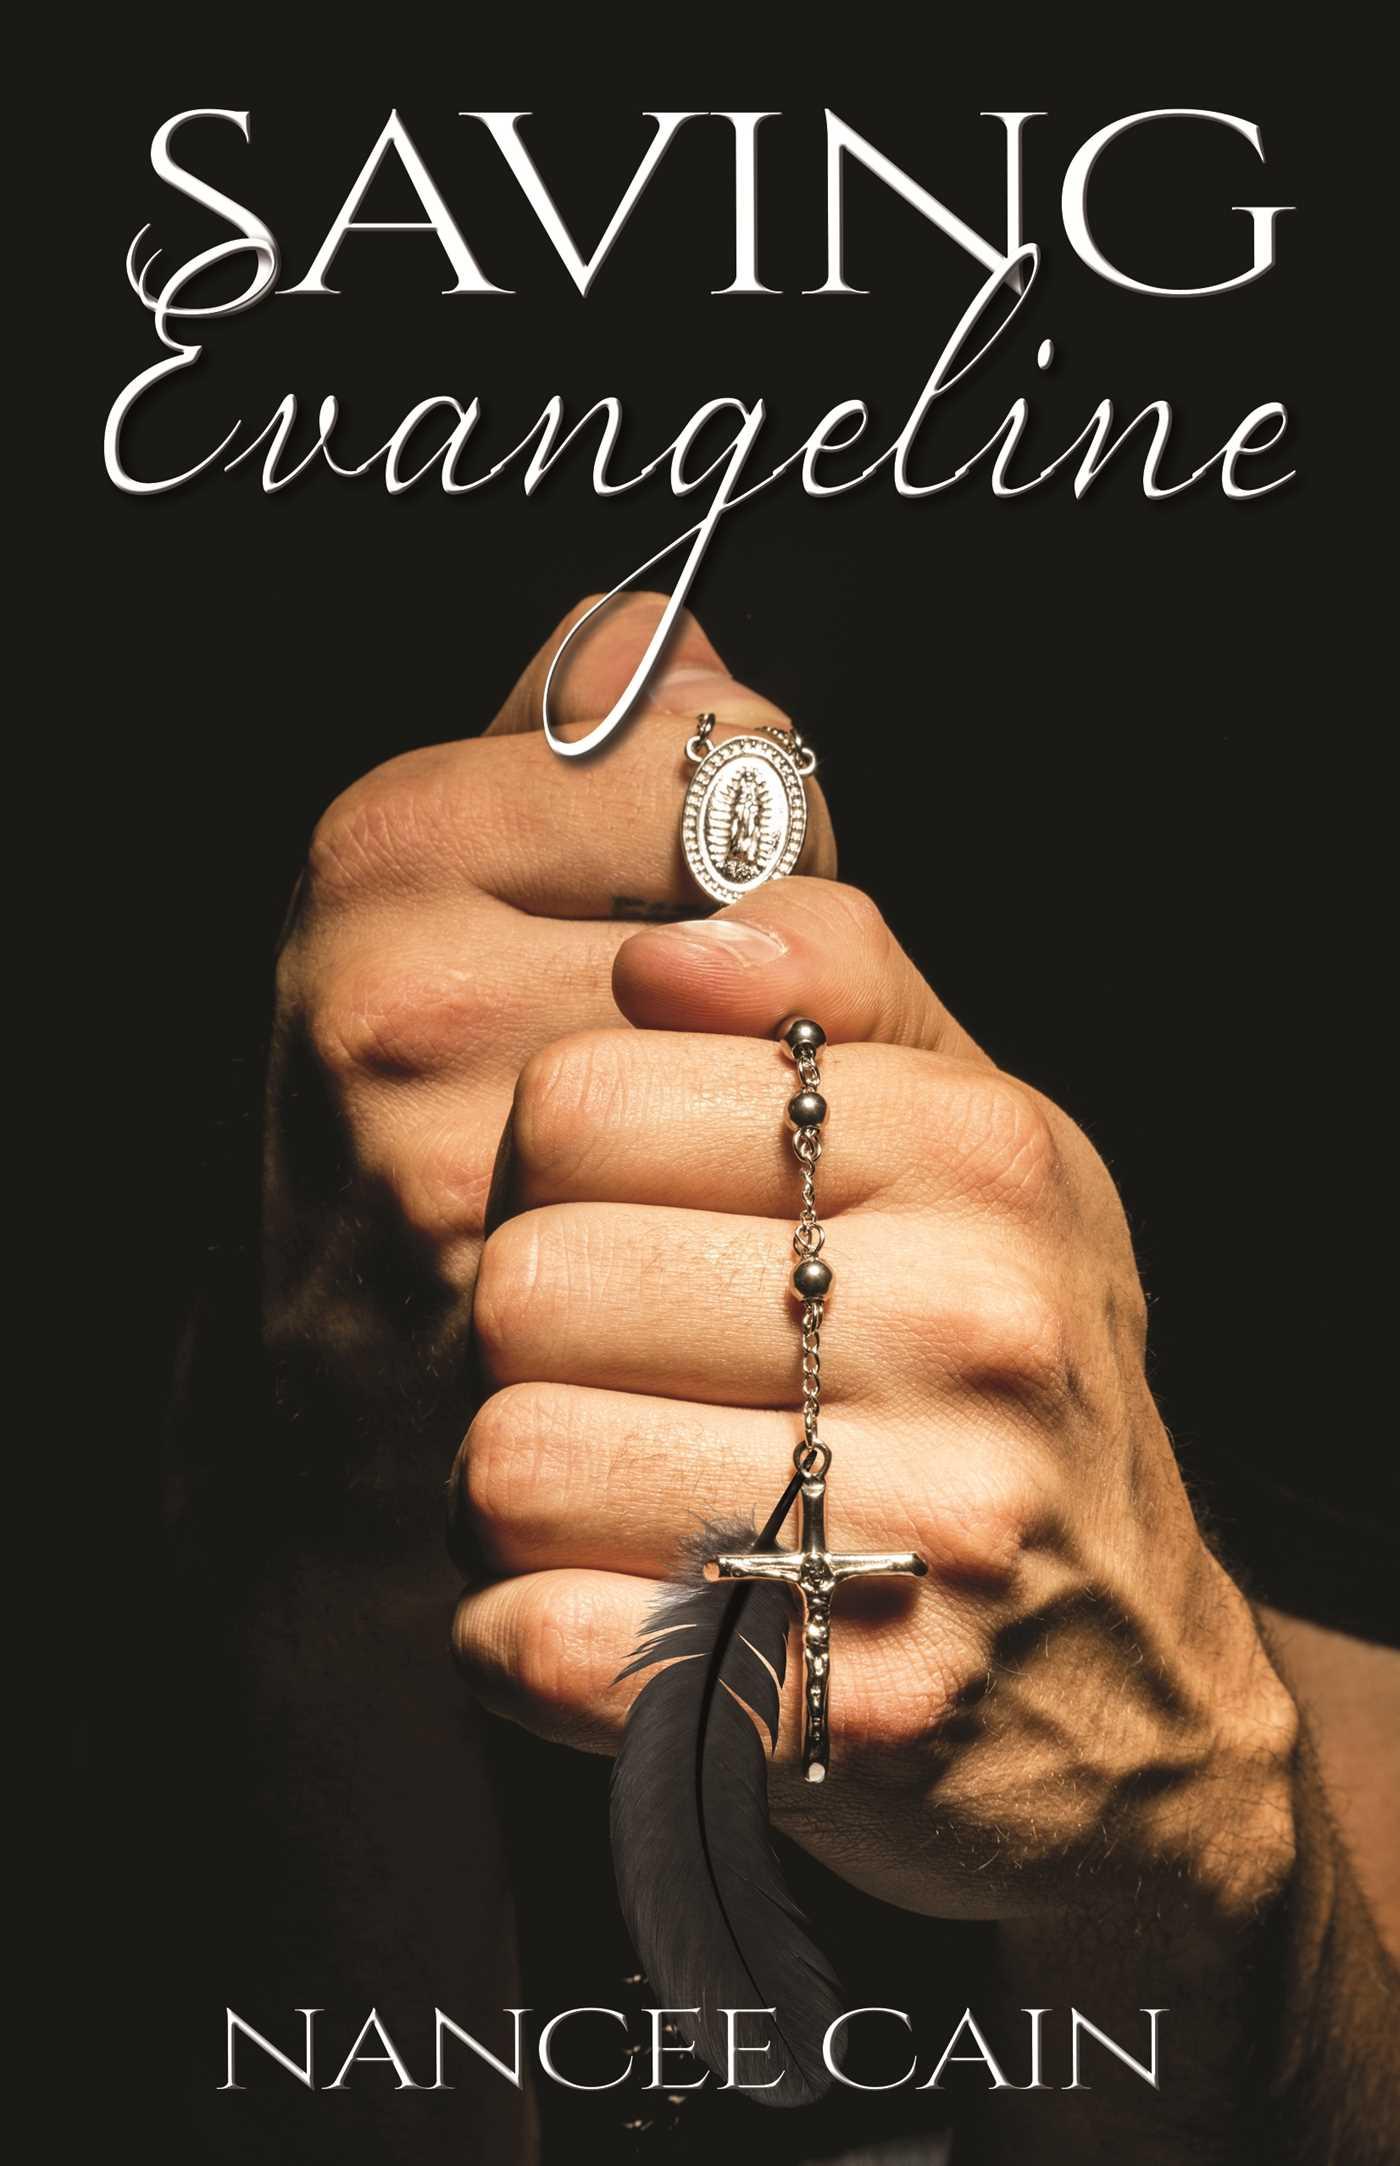 Saving evangeline 9781623422035 hr